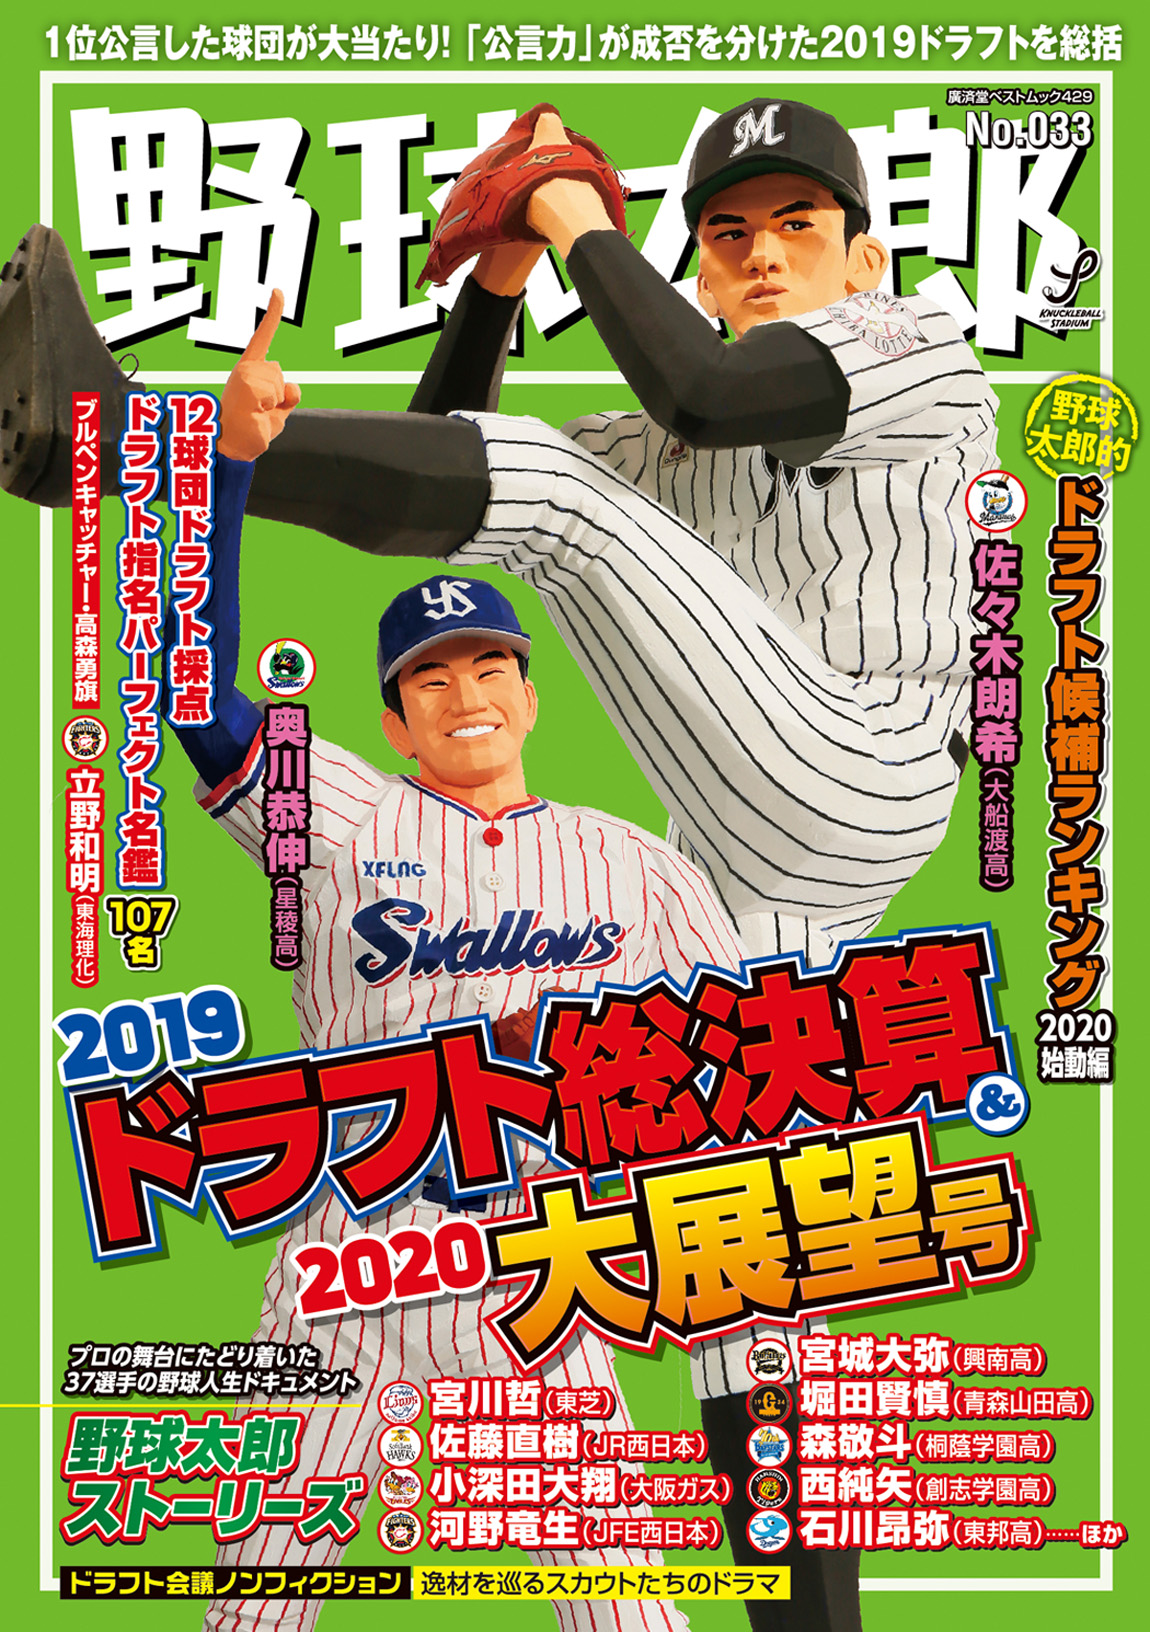 お詫びと訂正『野球太郎No.033 2019ドラフト総決算&2020大展望号』